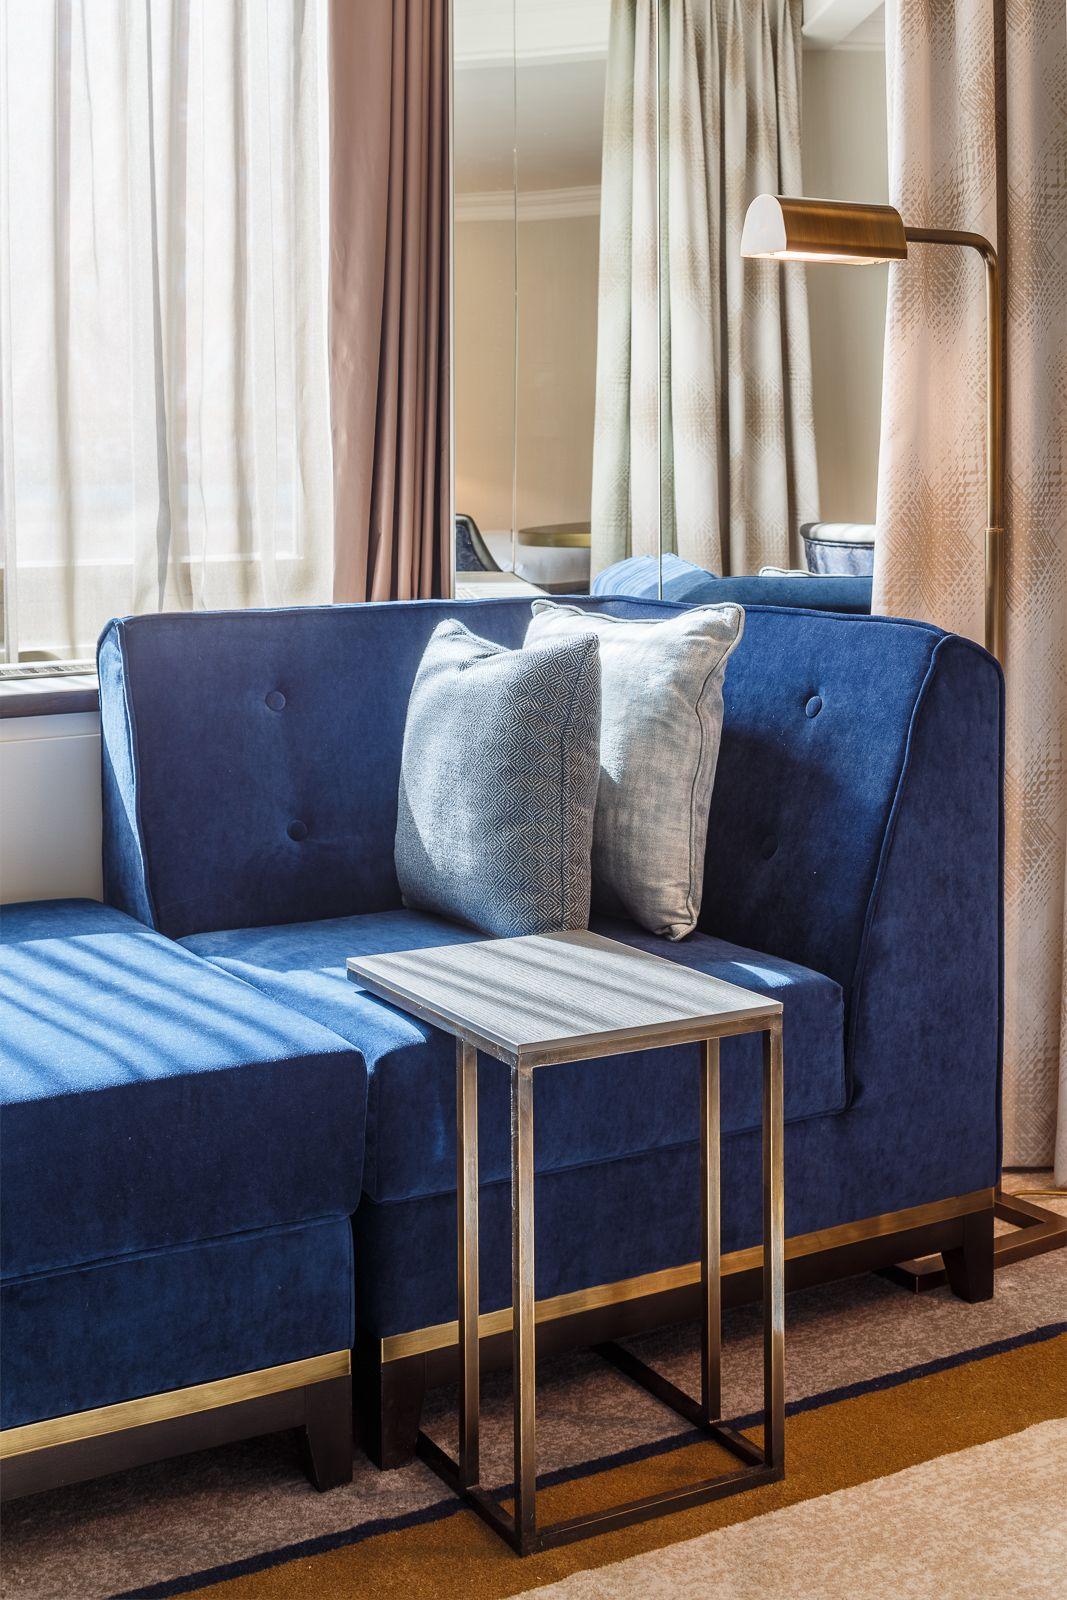 Royal Living Room Design: Bespoke Furniture In Royal Blue Velvet Hilton